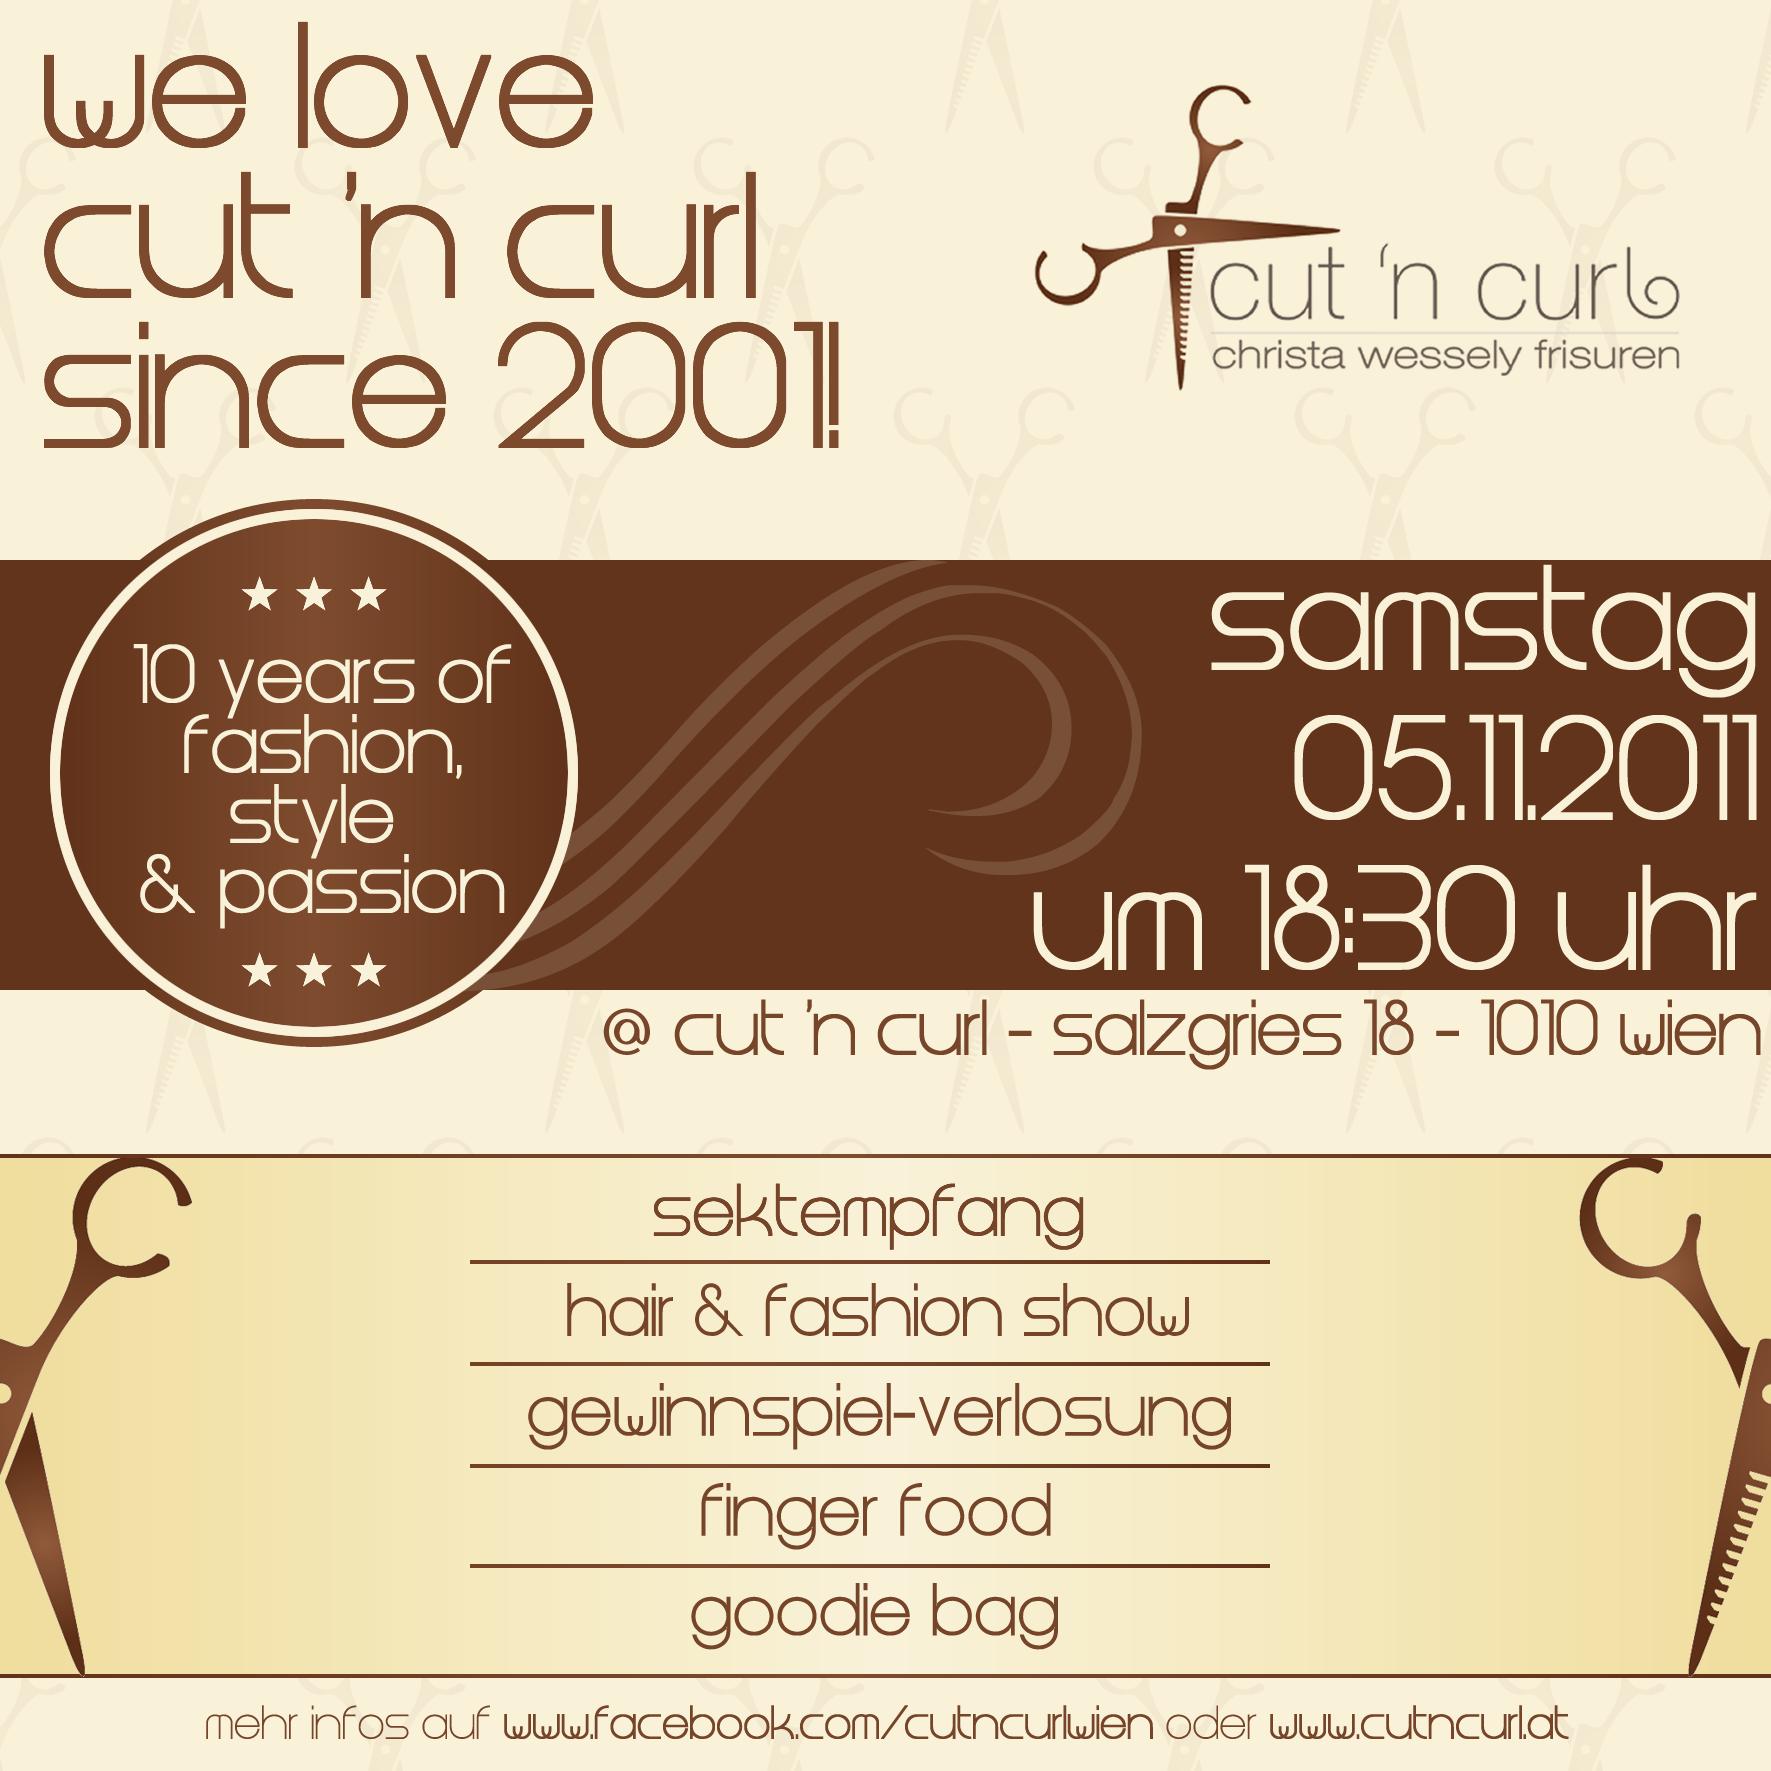 flyer für friseursalon - 10 jähriges jubiläum » einladungskarten, Einladungen